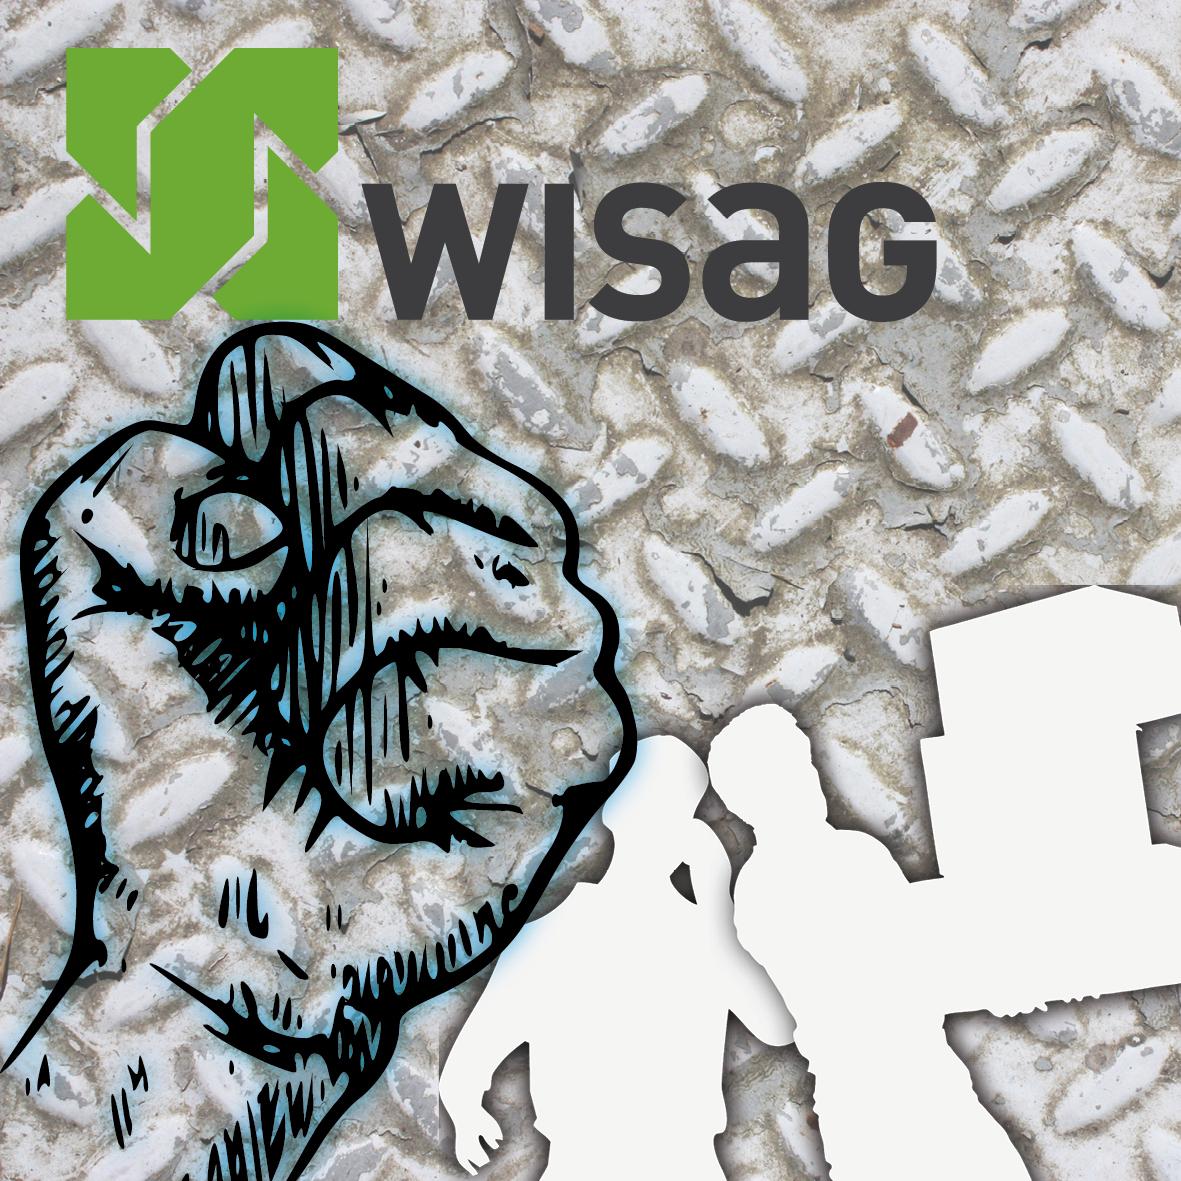 Frankfurt: WISAG heißt Billiglohn und Unsicherheit als Geschäftsmodell!